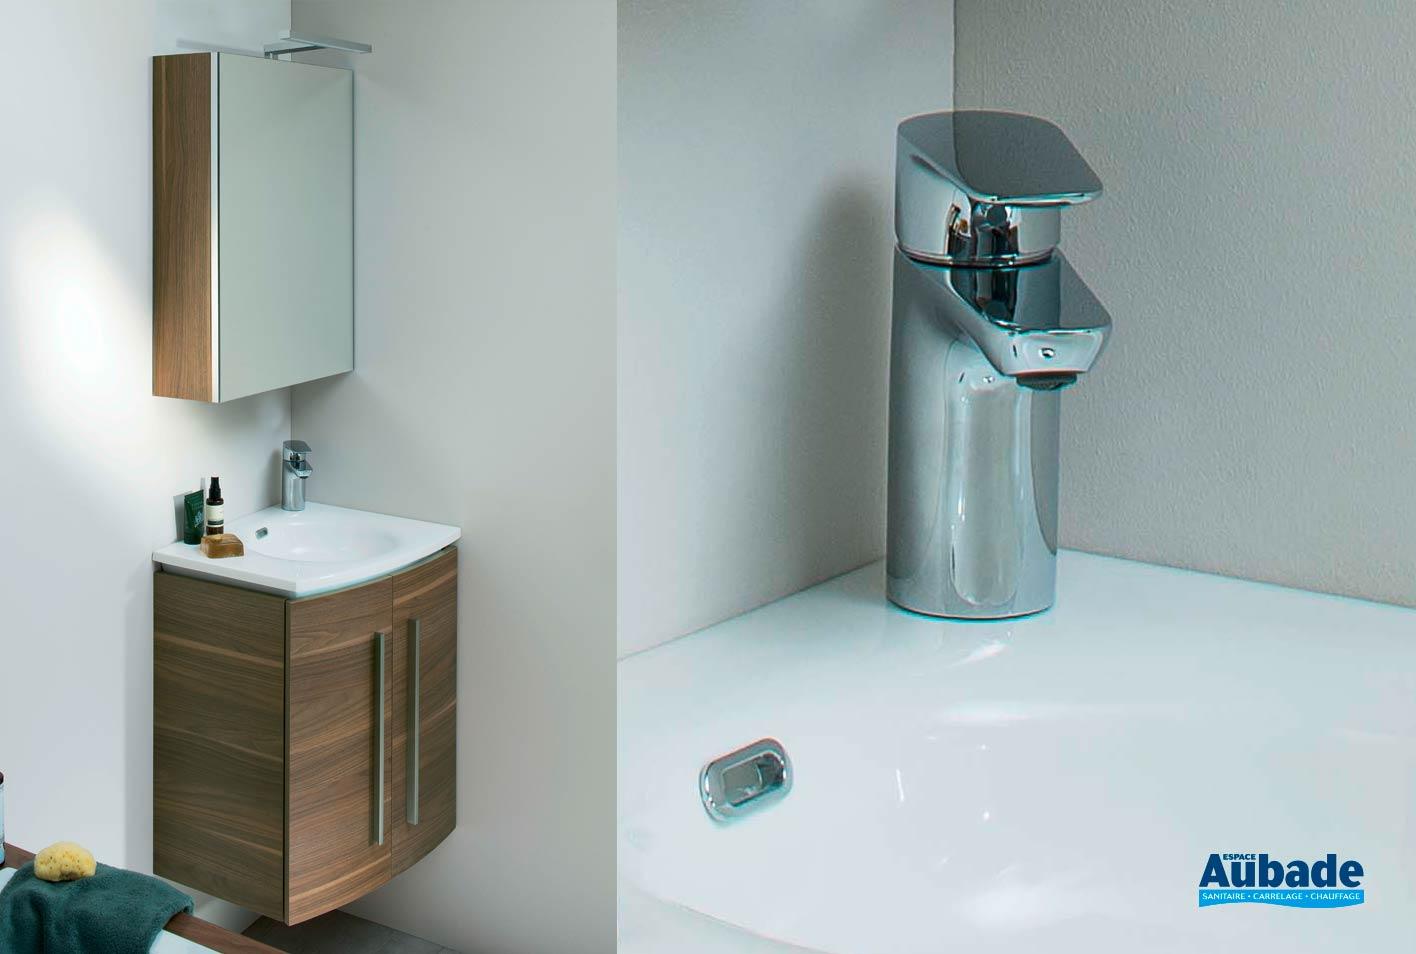 Salle De Bain Halo meuble salle de bain soon de sanijura | espace aubade